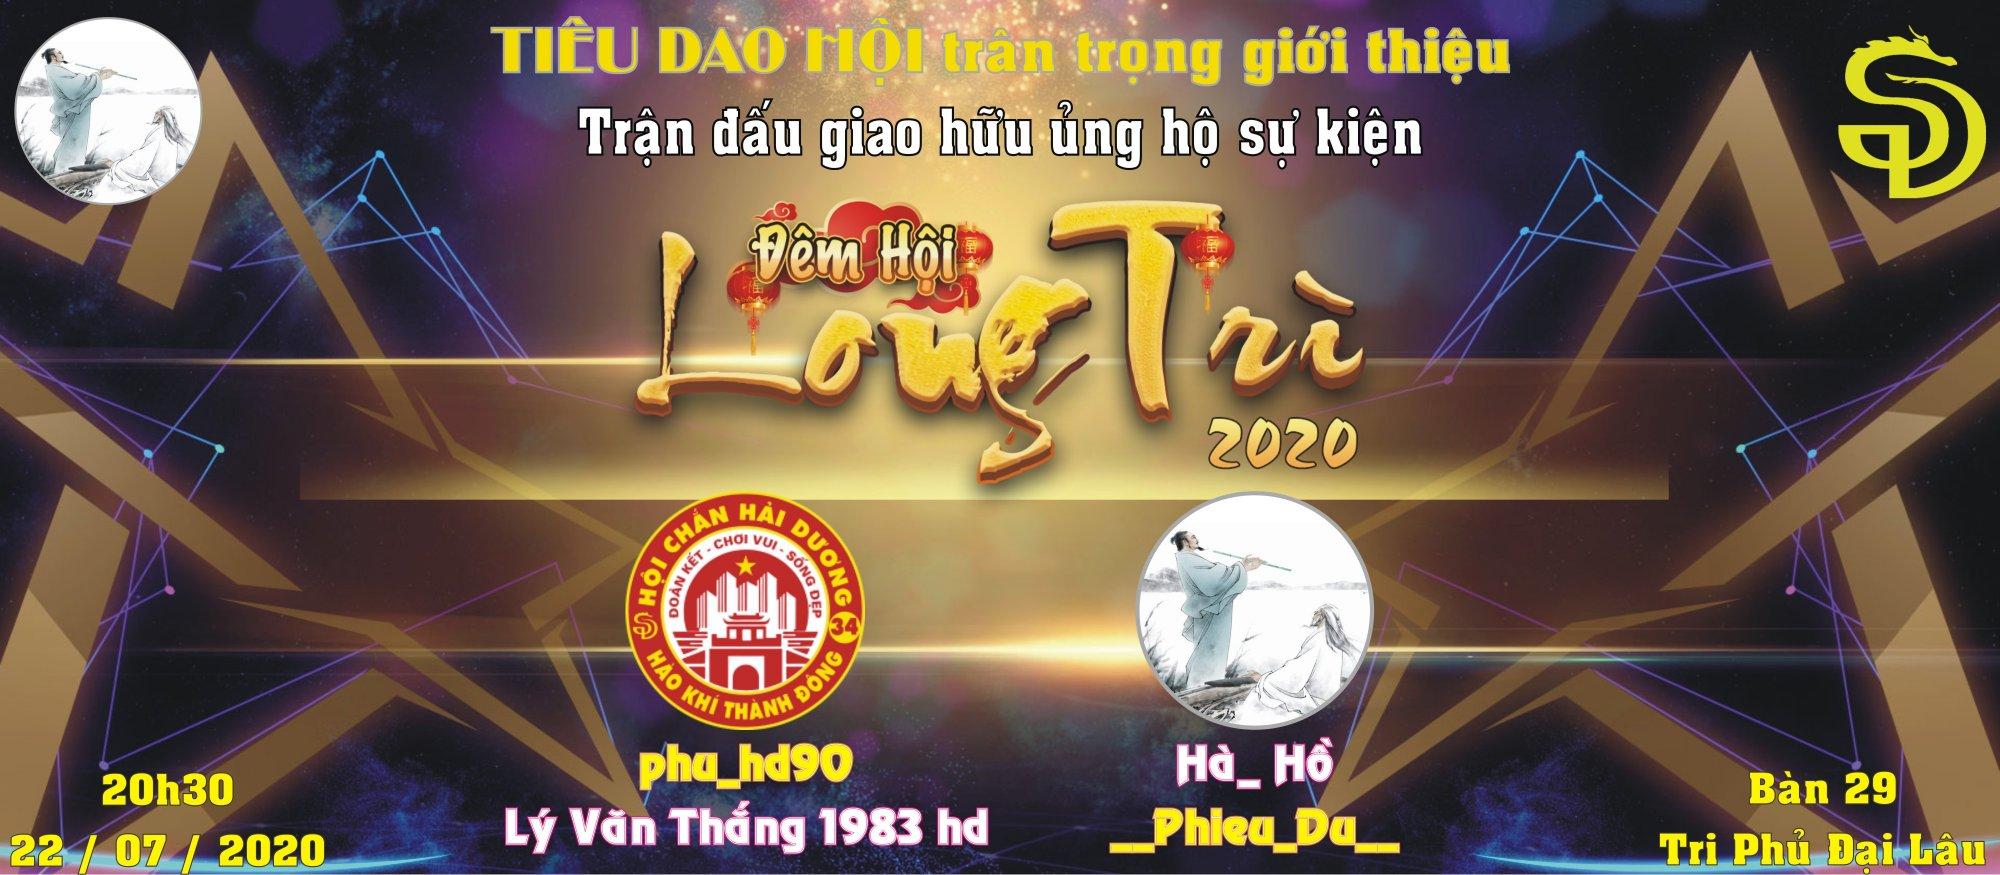 Tran 5 - TDH - Hai Duong.JPG